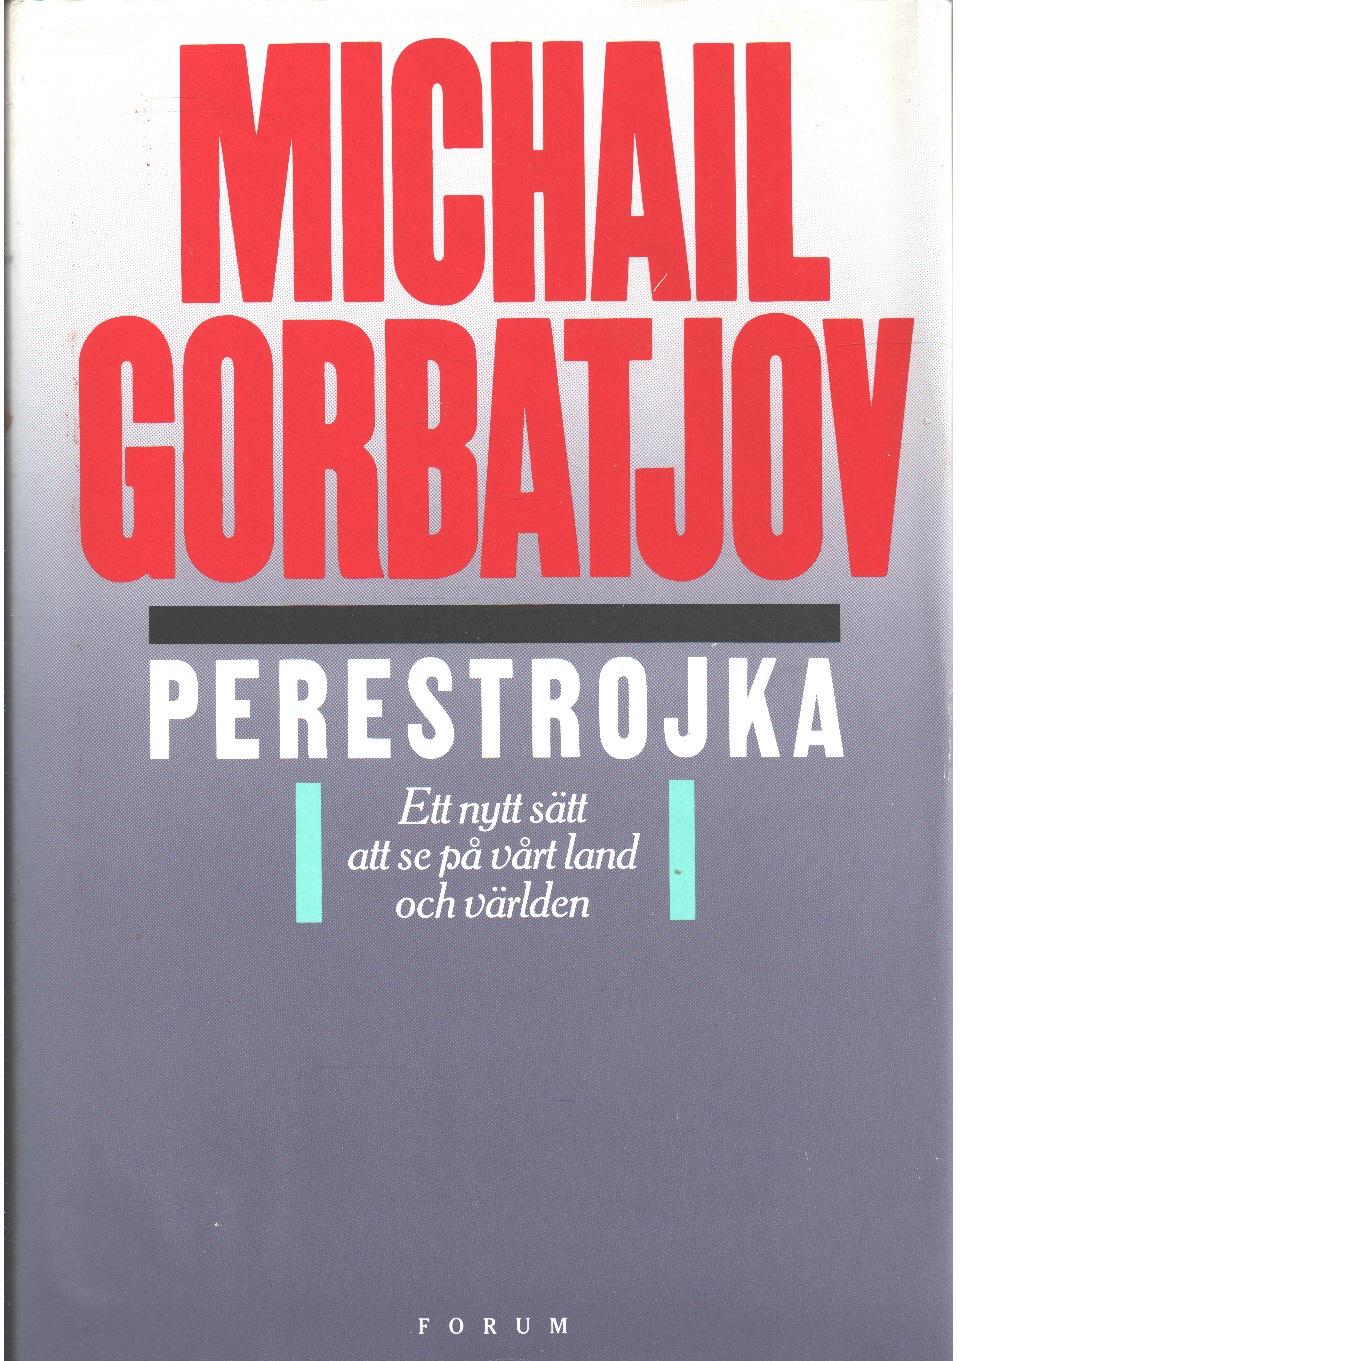 Perestrojka : ett nytt sätt att se på vårt land och världen - Gorbačev, Michail Sergeevič